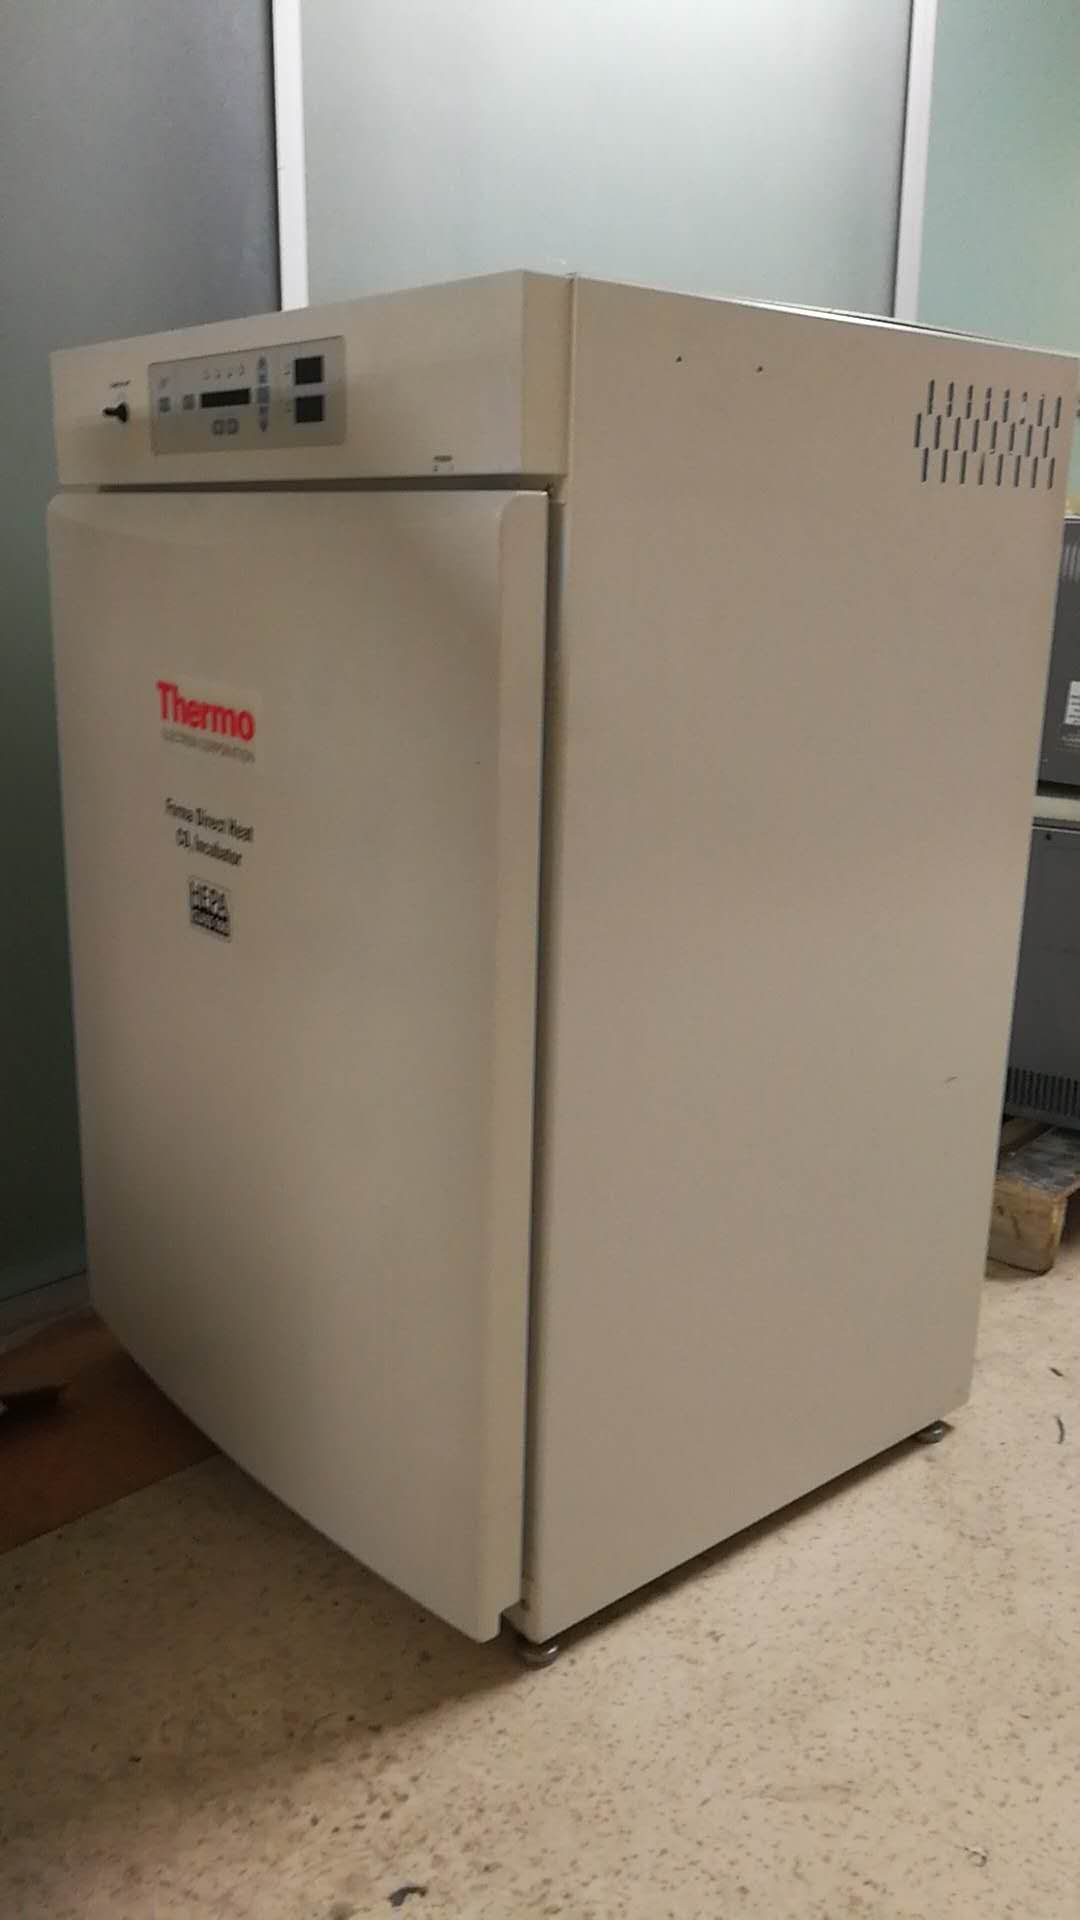 回收离心机,回收酶标仪,回收凝胶成像系统,回收PCR仪,回收二氧化碳培养箱